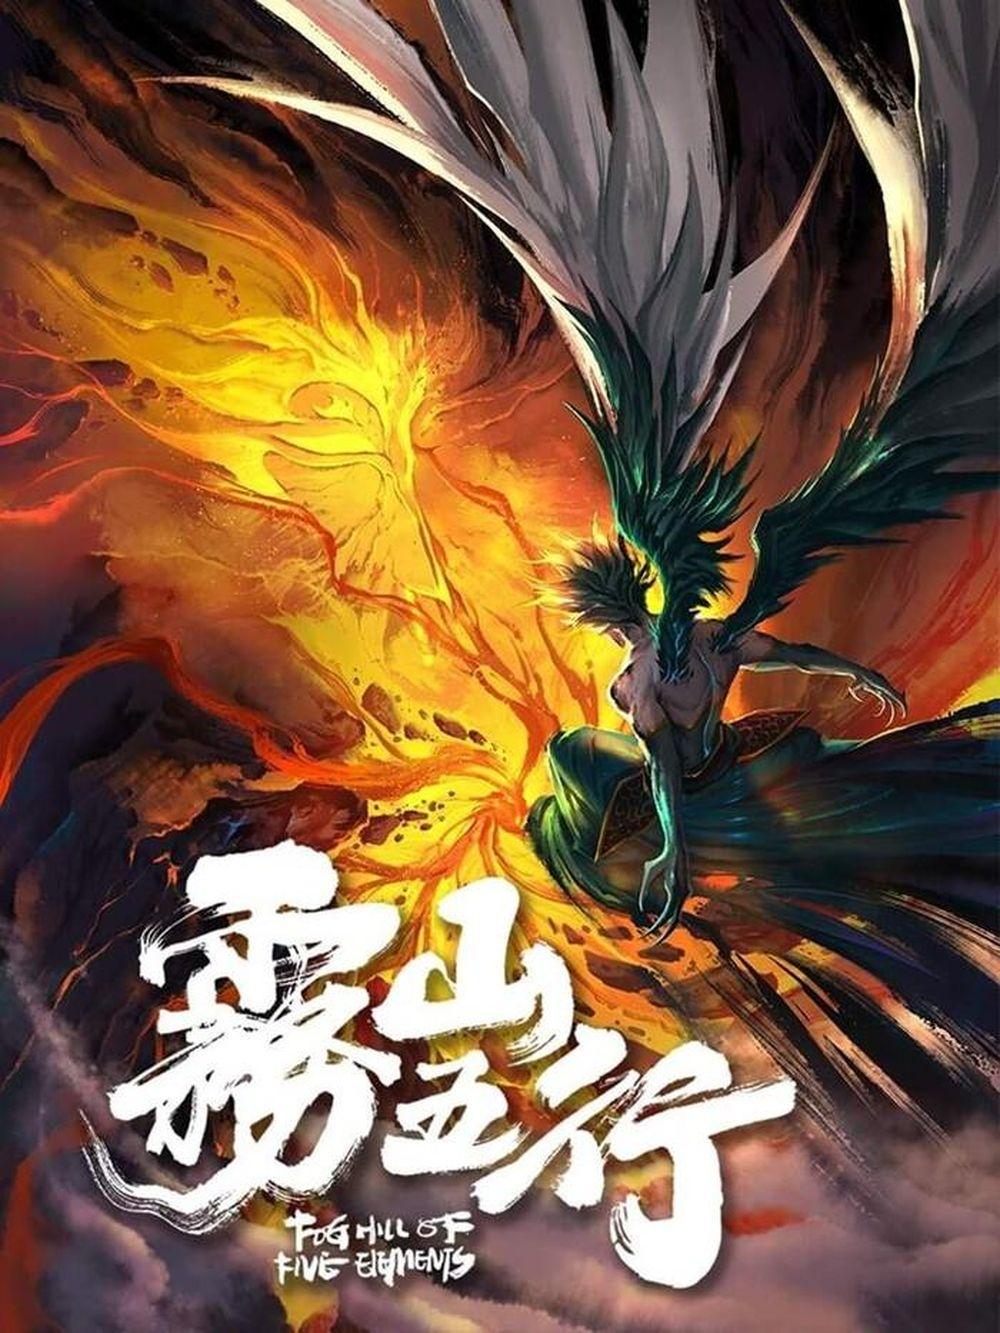 Phàm Nhân Tu Tiên và những bộ phim hoạt hình Trung Quốc sẽ ra mắt trong  tháng 7 - SaoStar